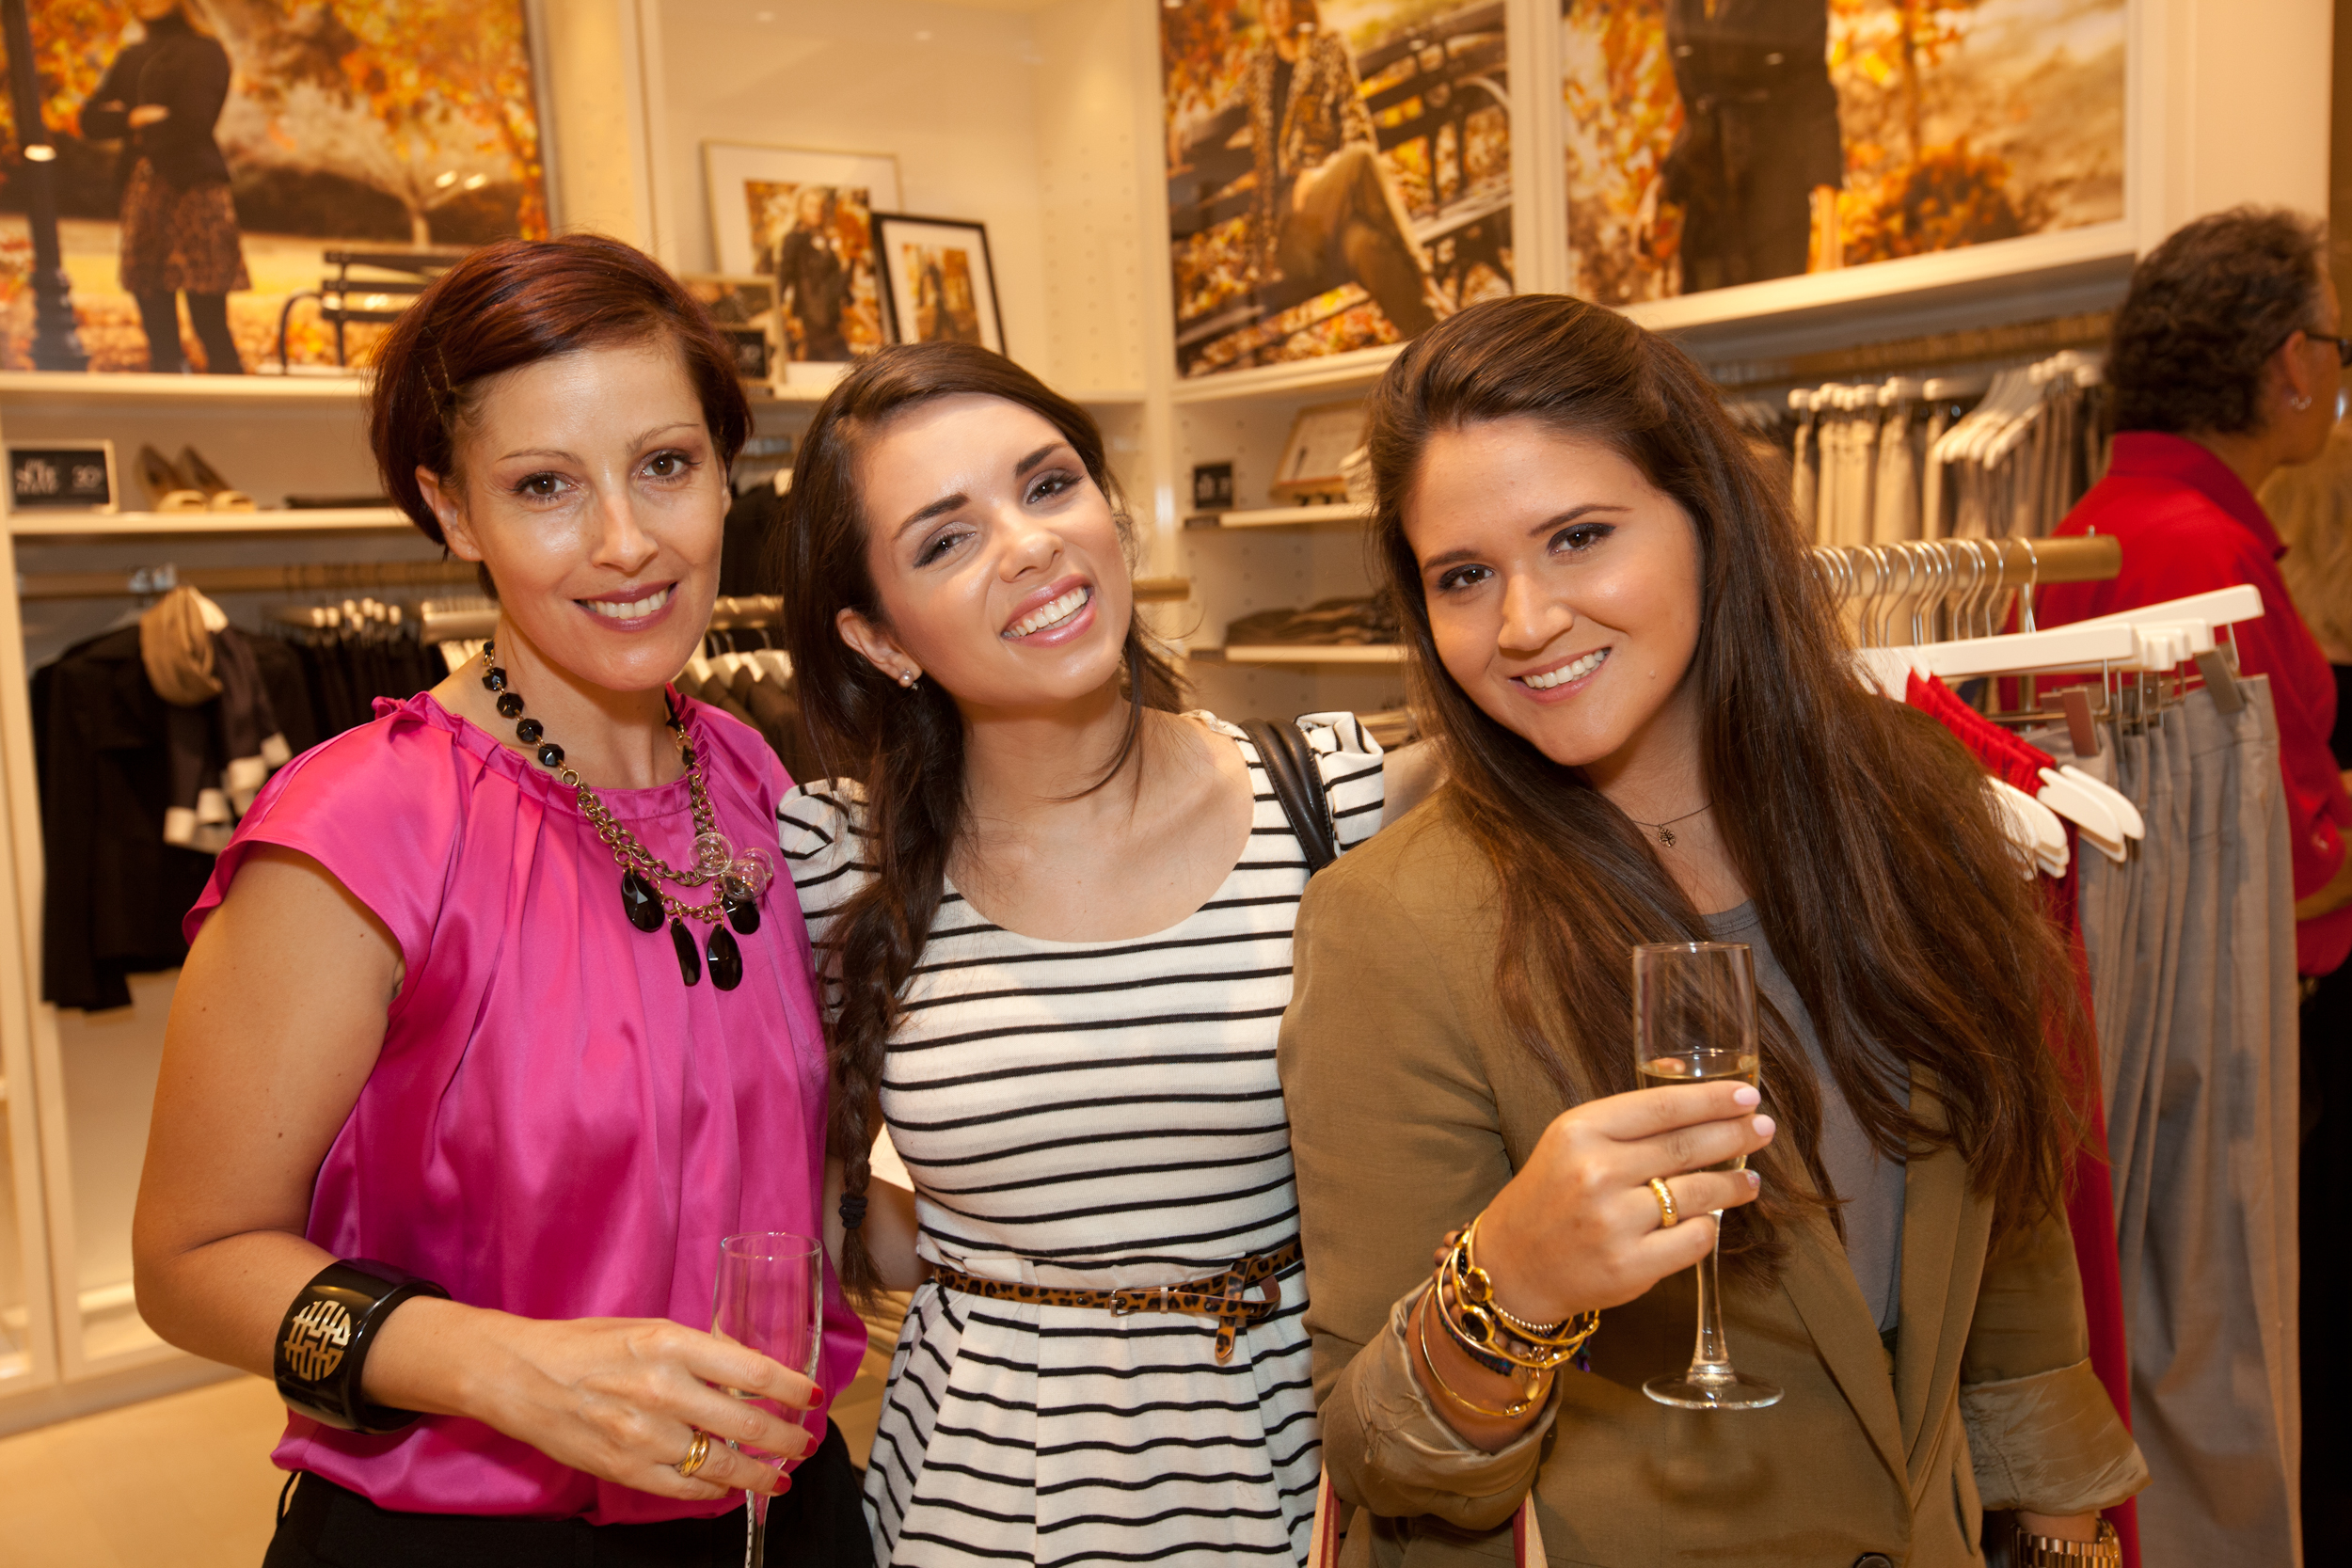 03 Angeles Almuna, Daniela Ramirez, and Stefani De Leon.jpg